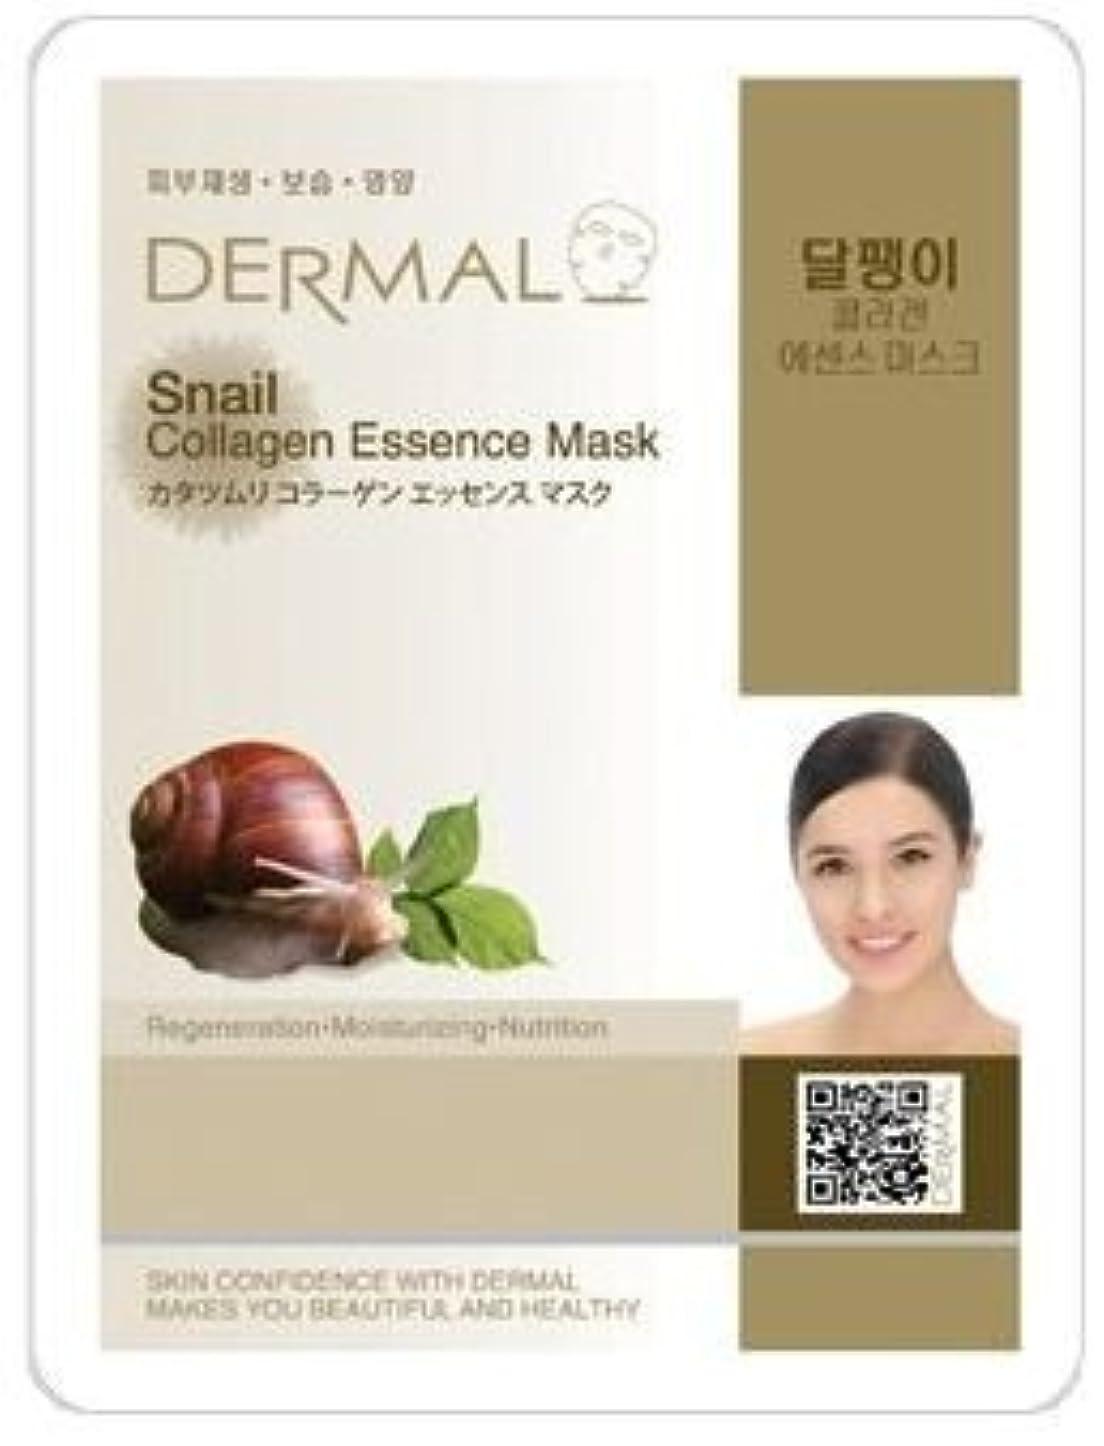 ノイズ飲料Dermal(ダーマル) シートマスク カタツムリ 10枚セット